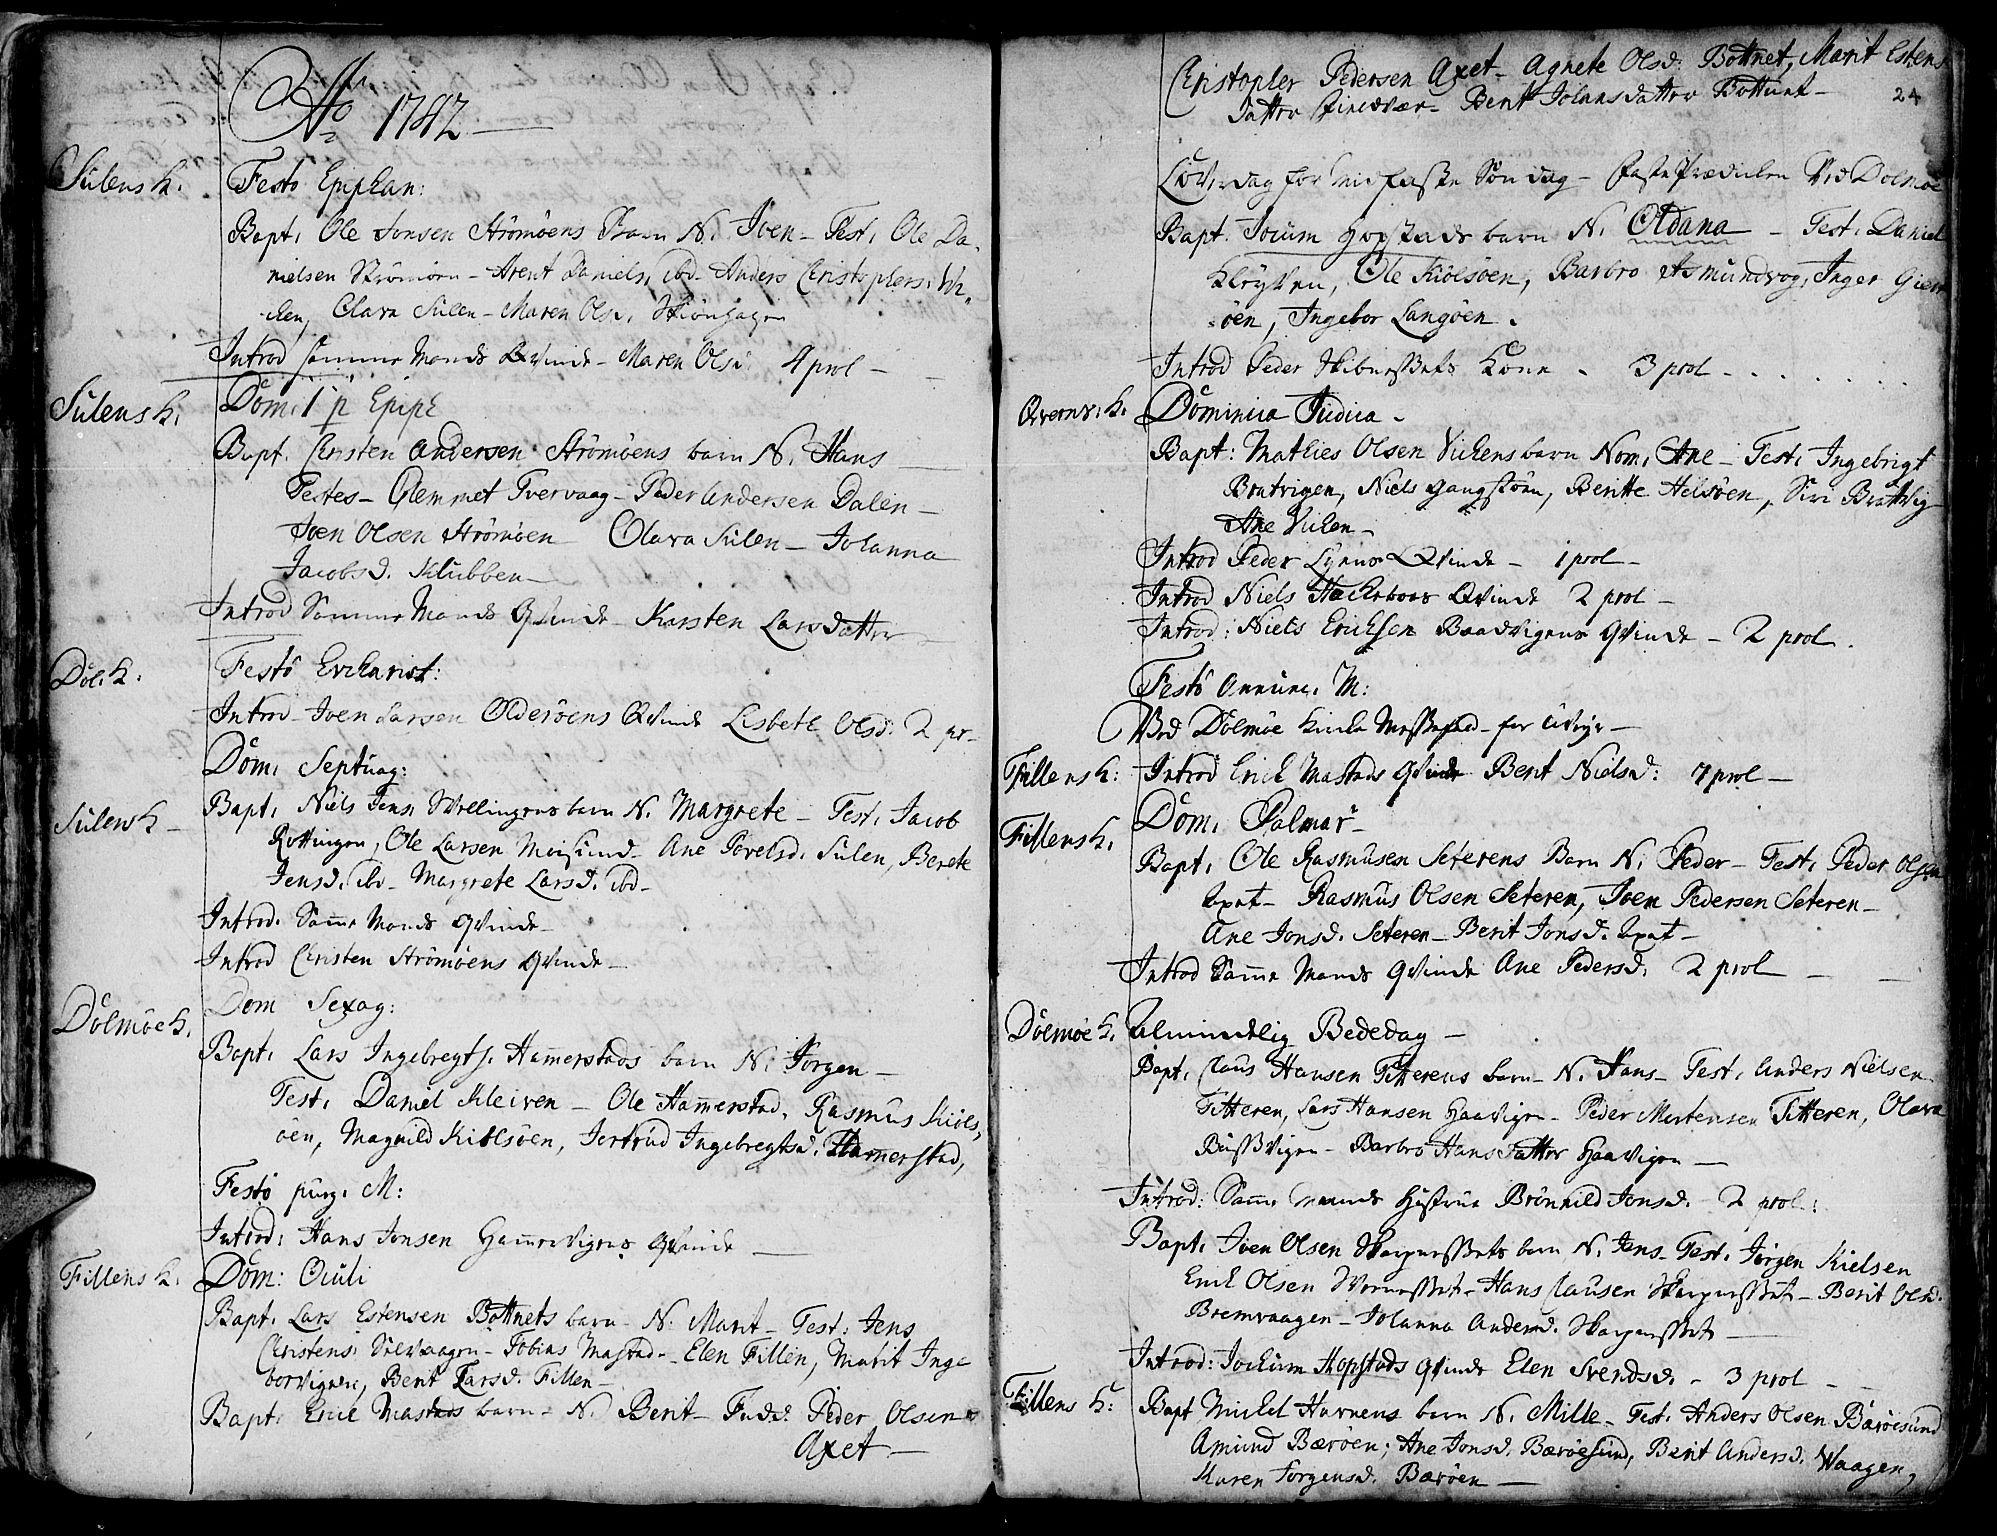 SAT, Ministerialprotokoller, klokkerbøker og fødselsregistre - Sør-Trøndelag, 634/L0525: Ministerialbok nr. 634A01, 1736-1775, s. 24